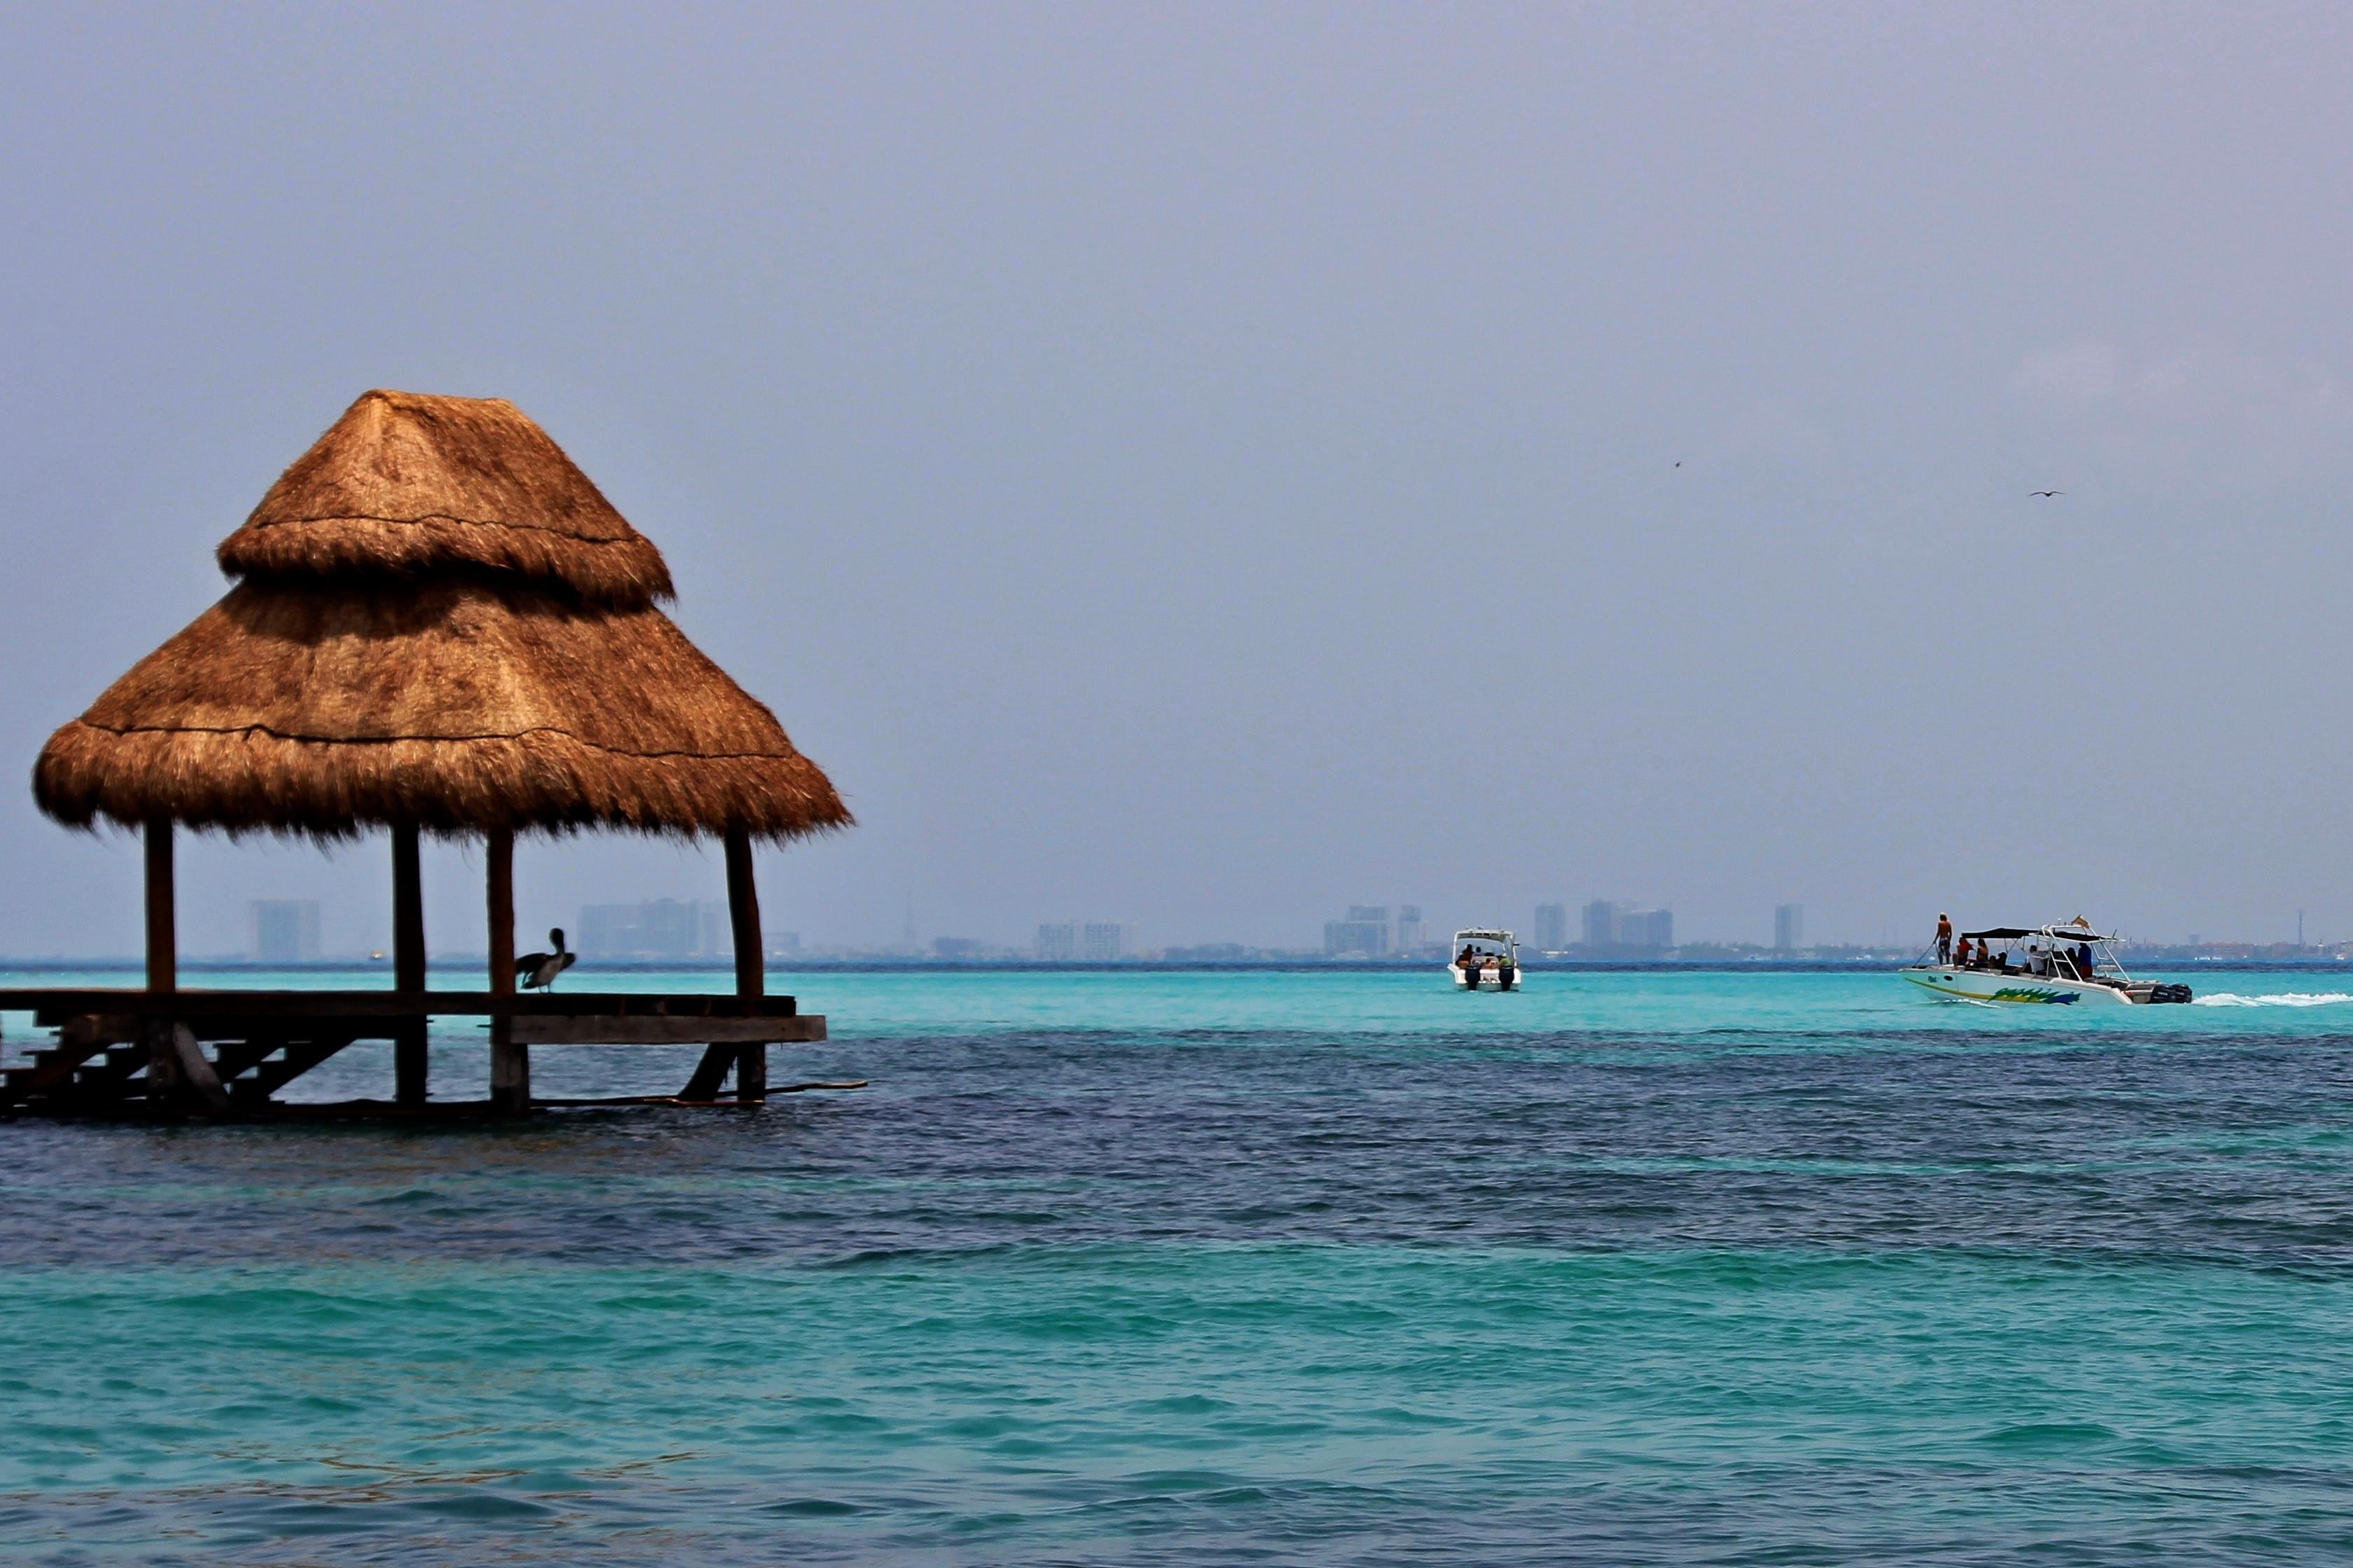 Isla Mujeres: Ixchel's Island